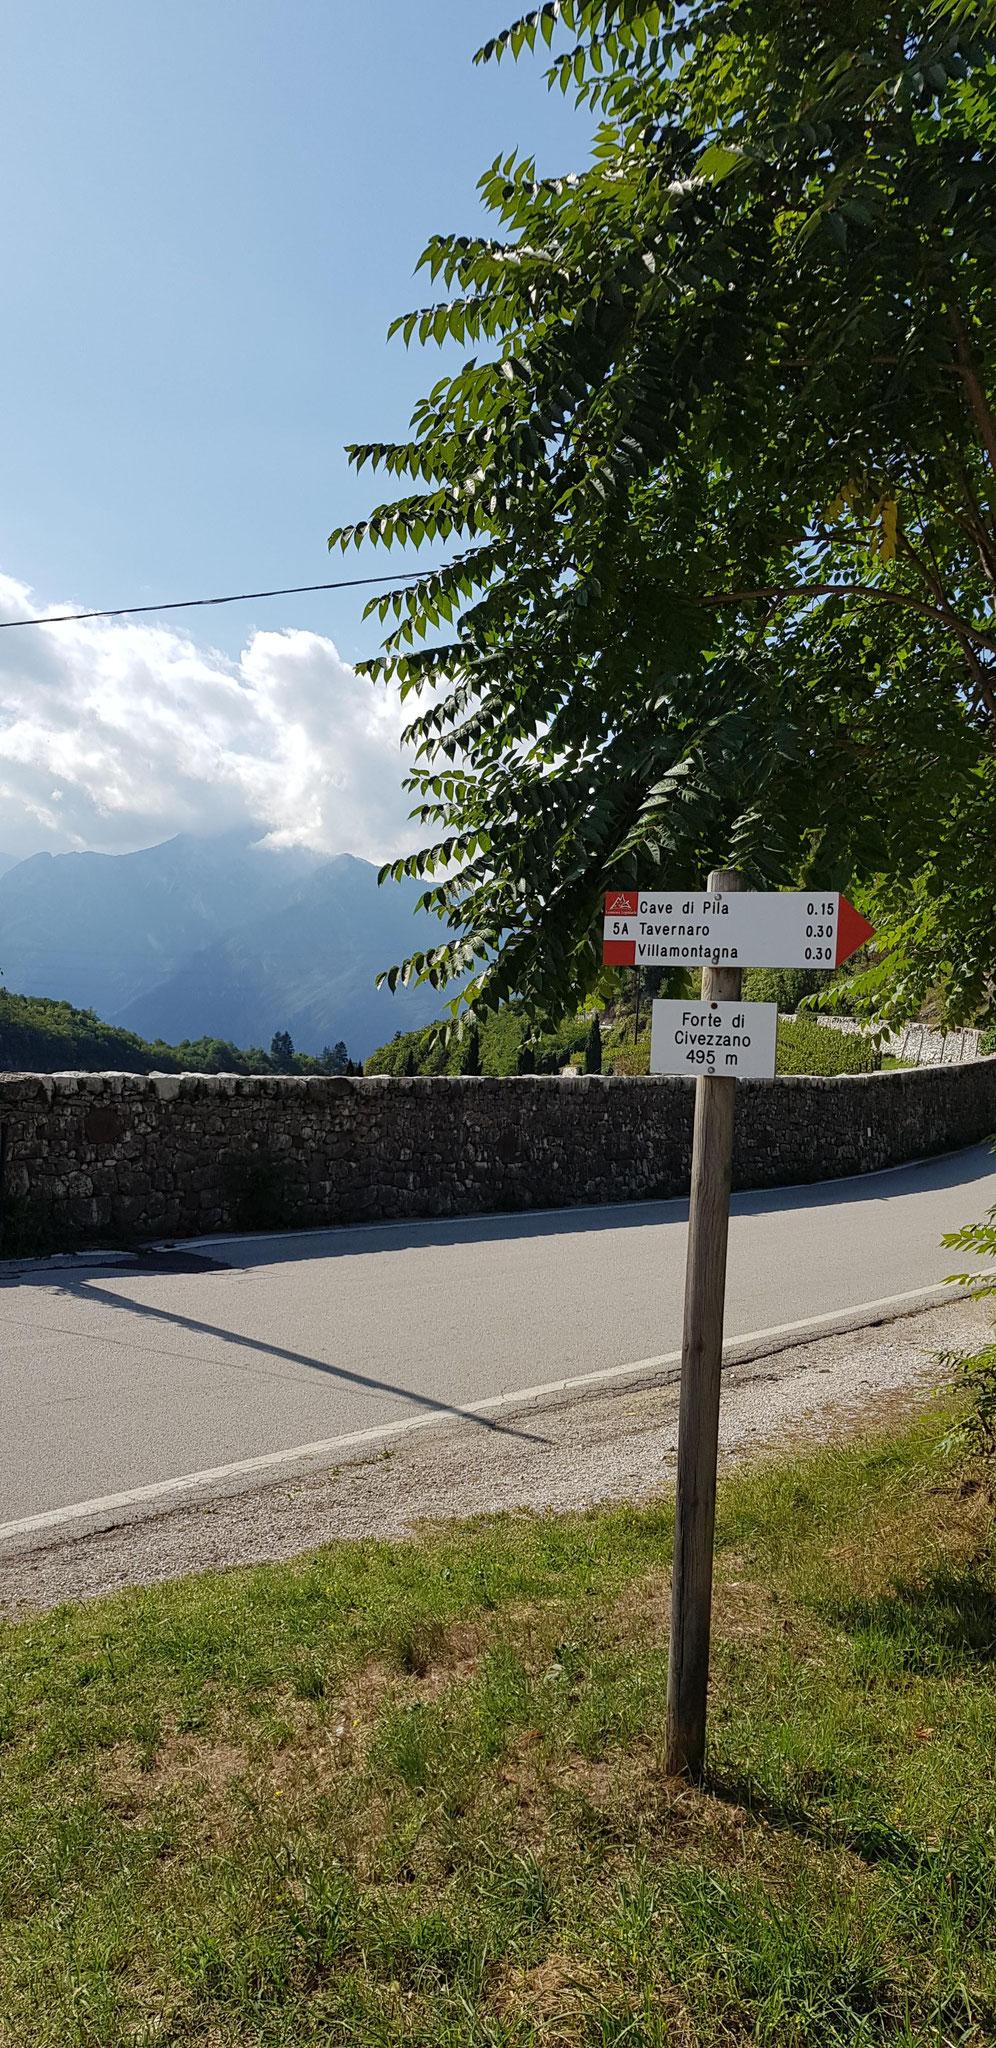 Forte de Civezzano